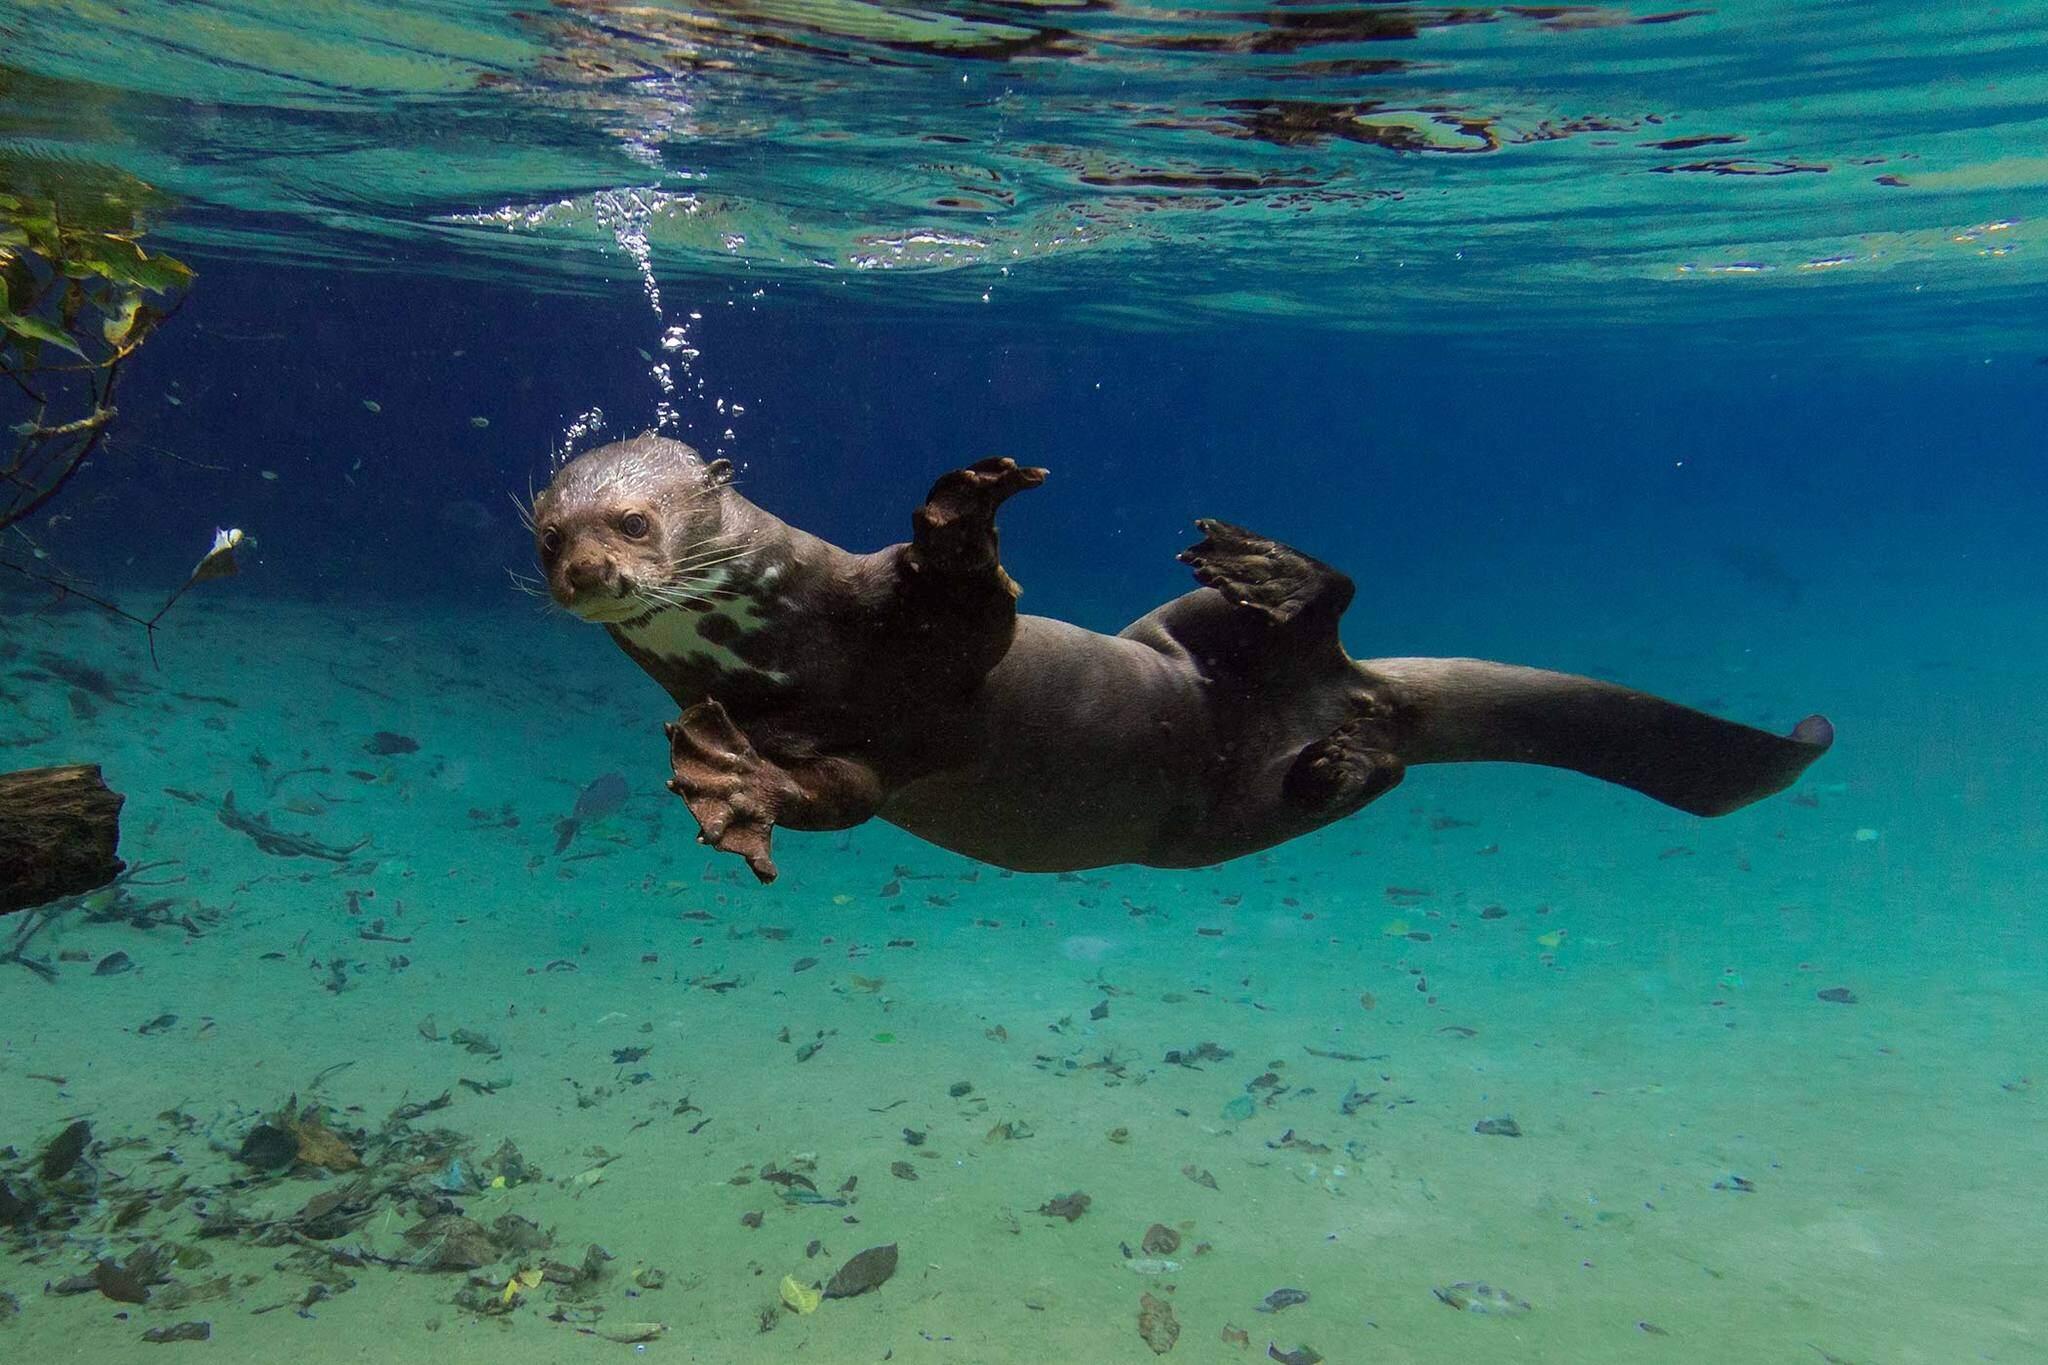 O mergulho da ariranha, imagem que valeu o primeiro lugar em concurso nacional de 2015 (Foto: Daniel De Granville)